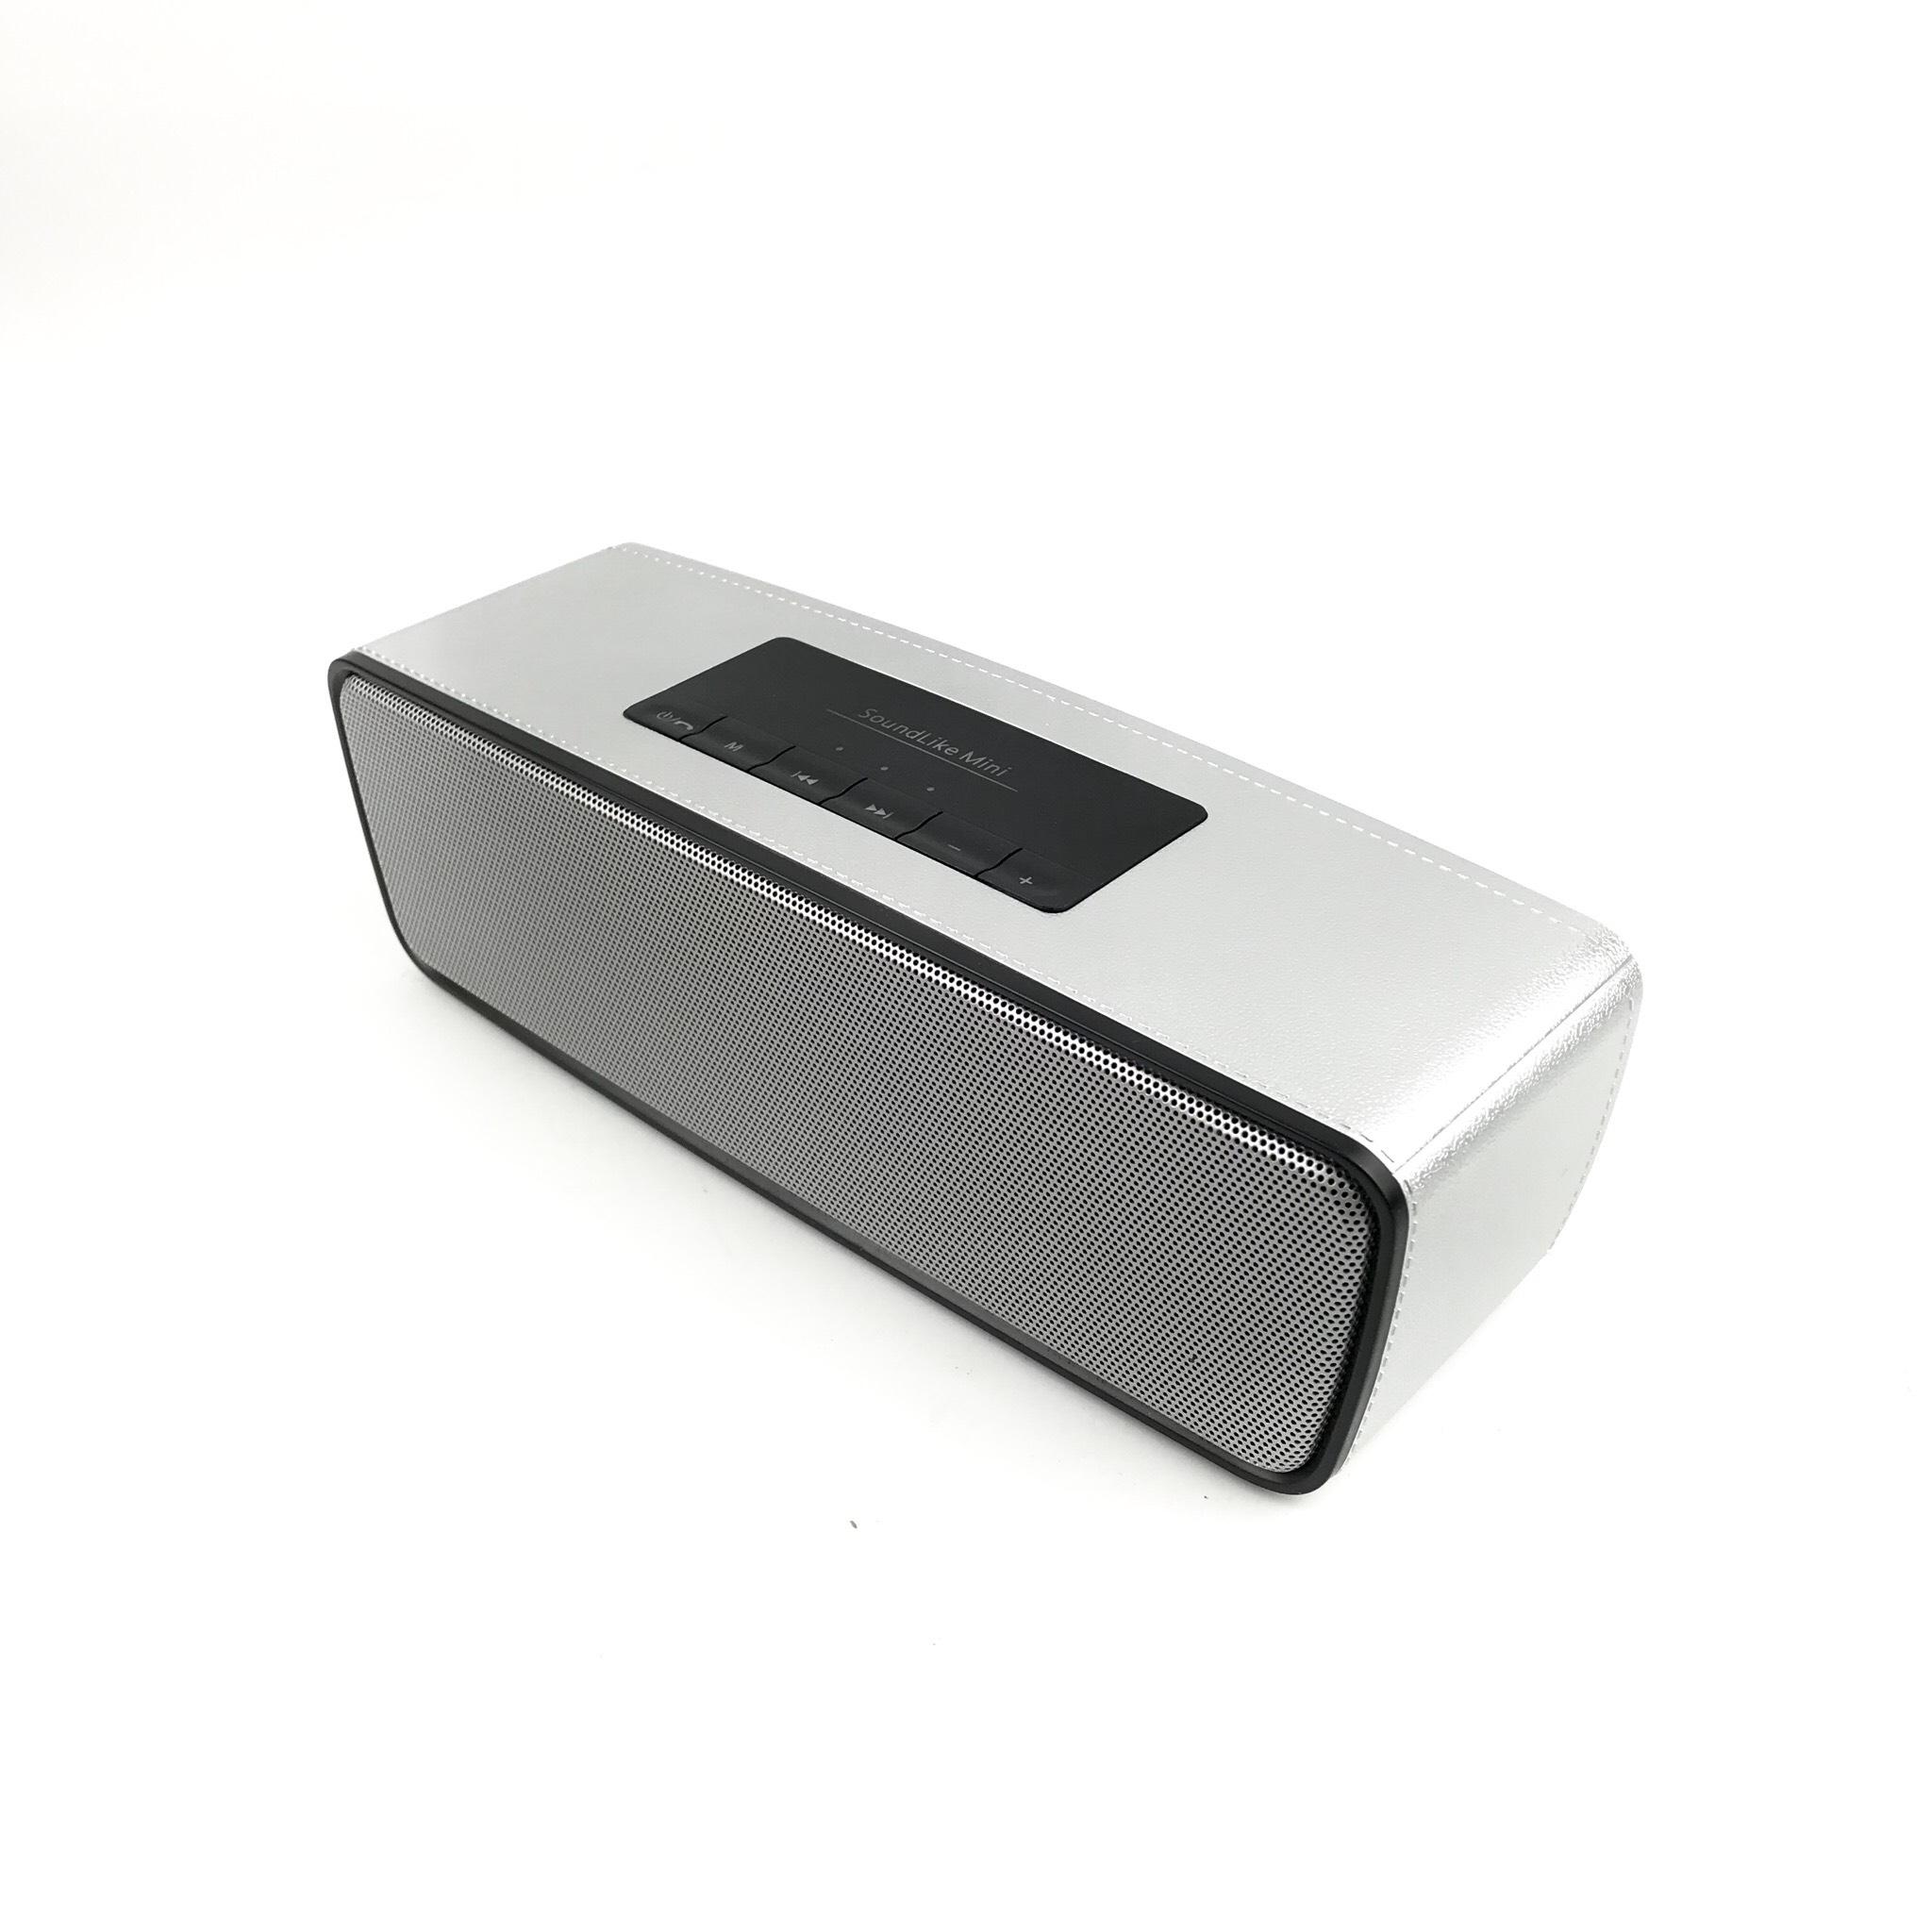 Loa Bluetooth GUTEK S2025 Vỏ Nhôm Sang Trọng, Loa Cầm Tay Không Dây Nghe Nhạc Âm Thanh Chất, Âm Bass...